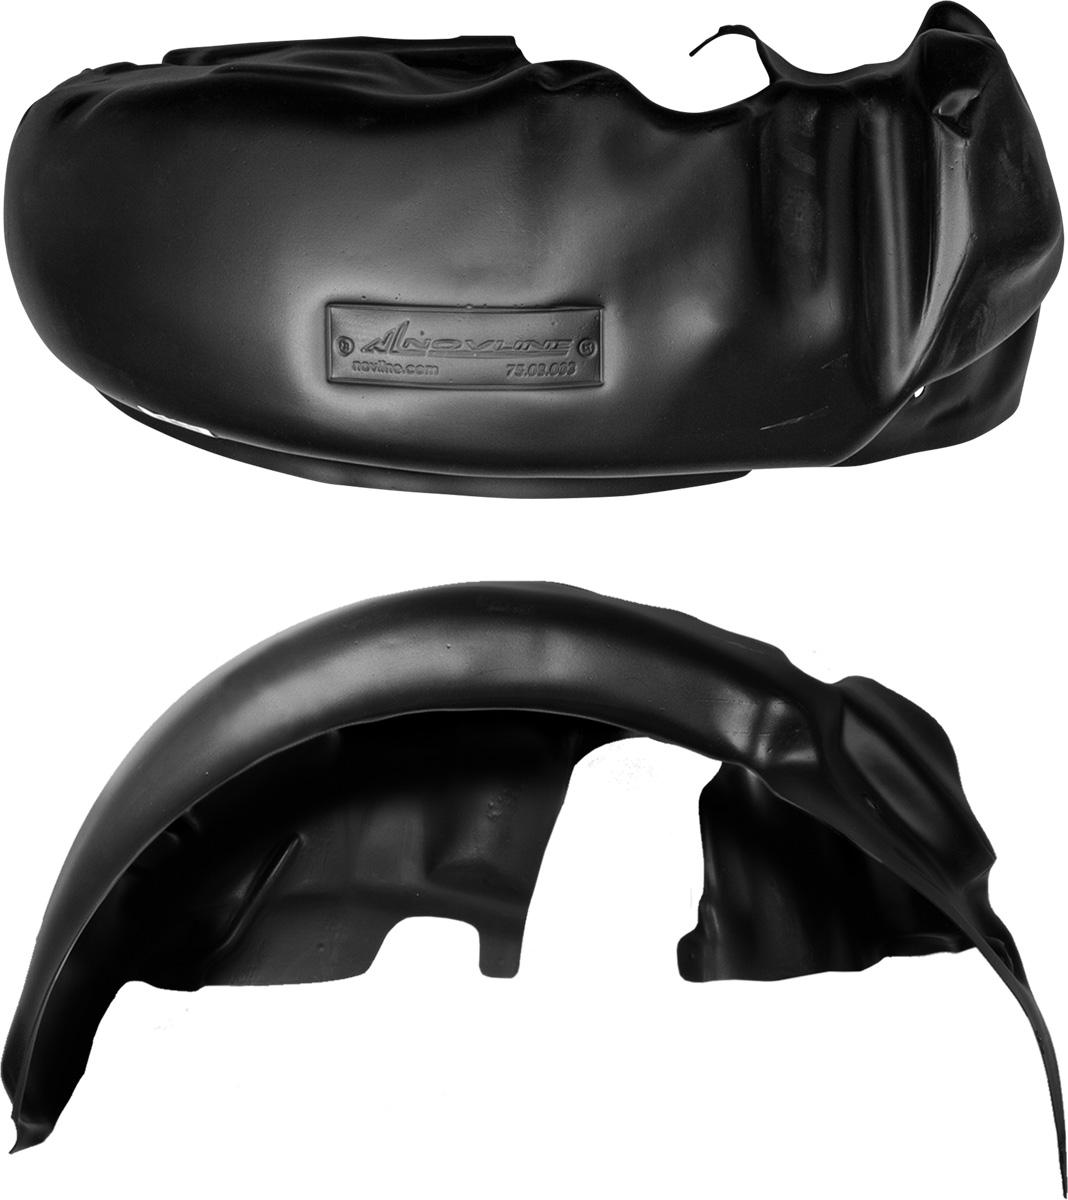 Подкрылки FORD Fusion 09/2002-2012 1 комплект, задние1750930Колесные ниши – одни из самых уязвимых зон днища вашего автомобиля. Они постоянно подвергаются воздействию со стороны дороги. Лучшая, почти абсолютная защита для них - специально отформованные пластиковые кожухи, которые называются подкрылками, или локерами. Производятся они как для отечественных моделей автомобилей, так и для иномарок. Подкрылки выполнены из высококачественного, экологически чистого пластика. Обеспечивают надежную защиту кузова автомобиля от пескоструйного эффекта и негативного влияния, агрессивных антигололедных реагентов. Пластик обладает более низкой теплопроводностью, чем металл, поэтому в зимний период эксплуатации использование пластиковых подкрылков позволяет лучше защитить колесные ниши от налипания снега и образования наледи. Оригинальность конструкции подчеркивает элегантность автомобиля, бережно защищает нанесенное на днище кузова антикоррозийное покрытие и позволяет осуществить крепление подкрылков внутри колесной арки практически без дополнительного...